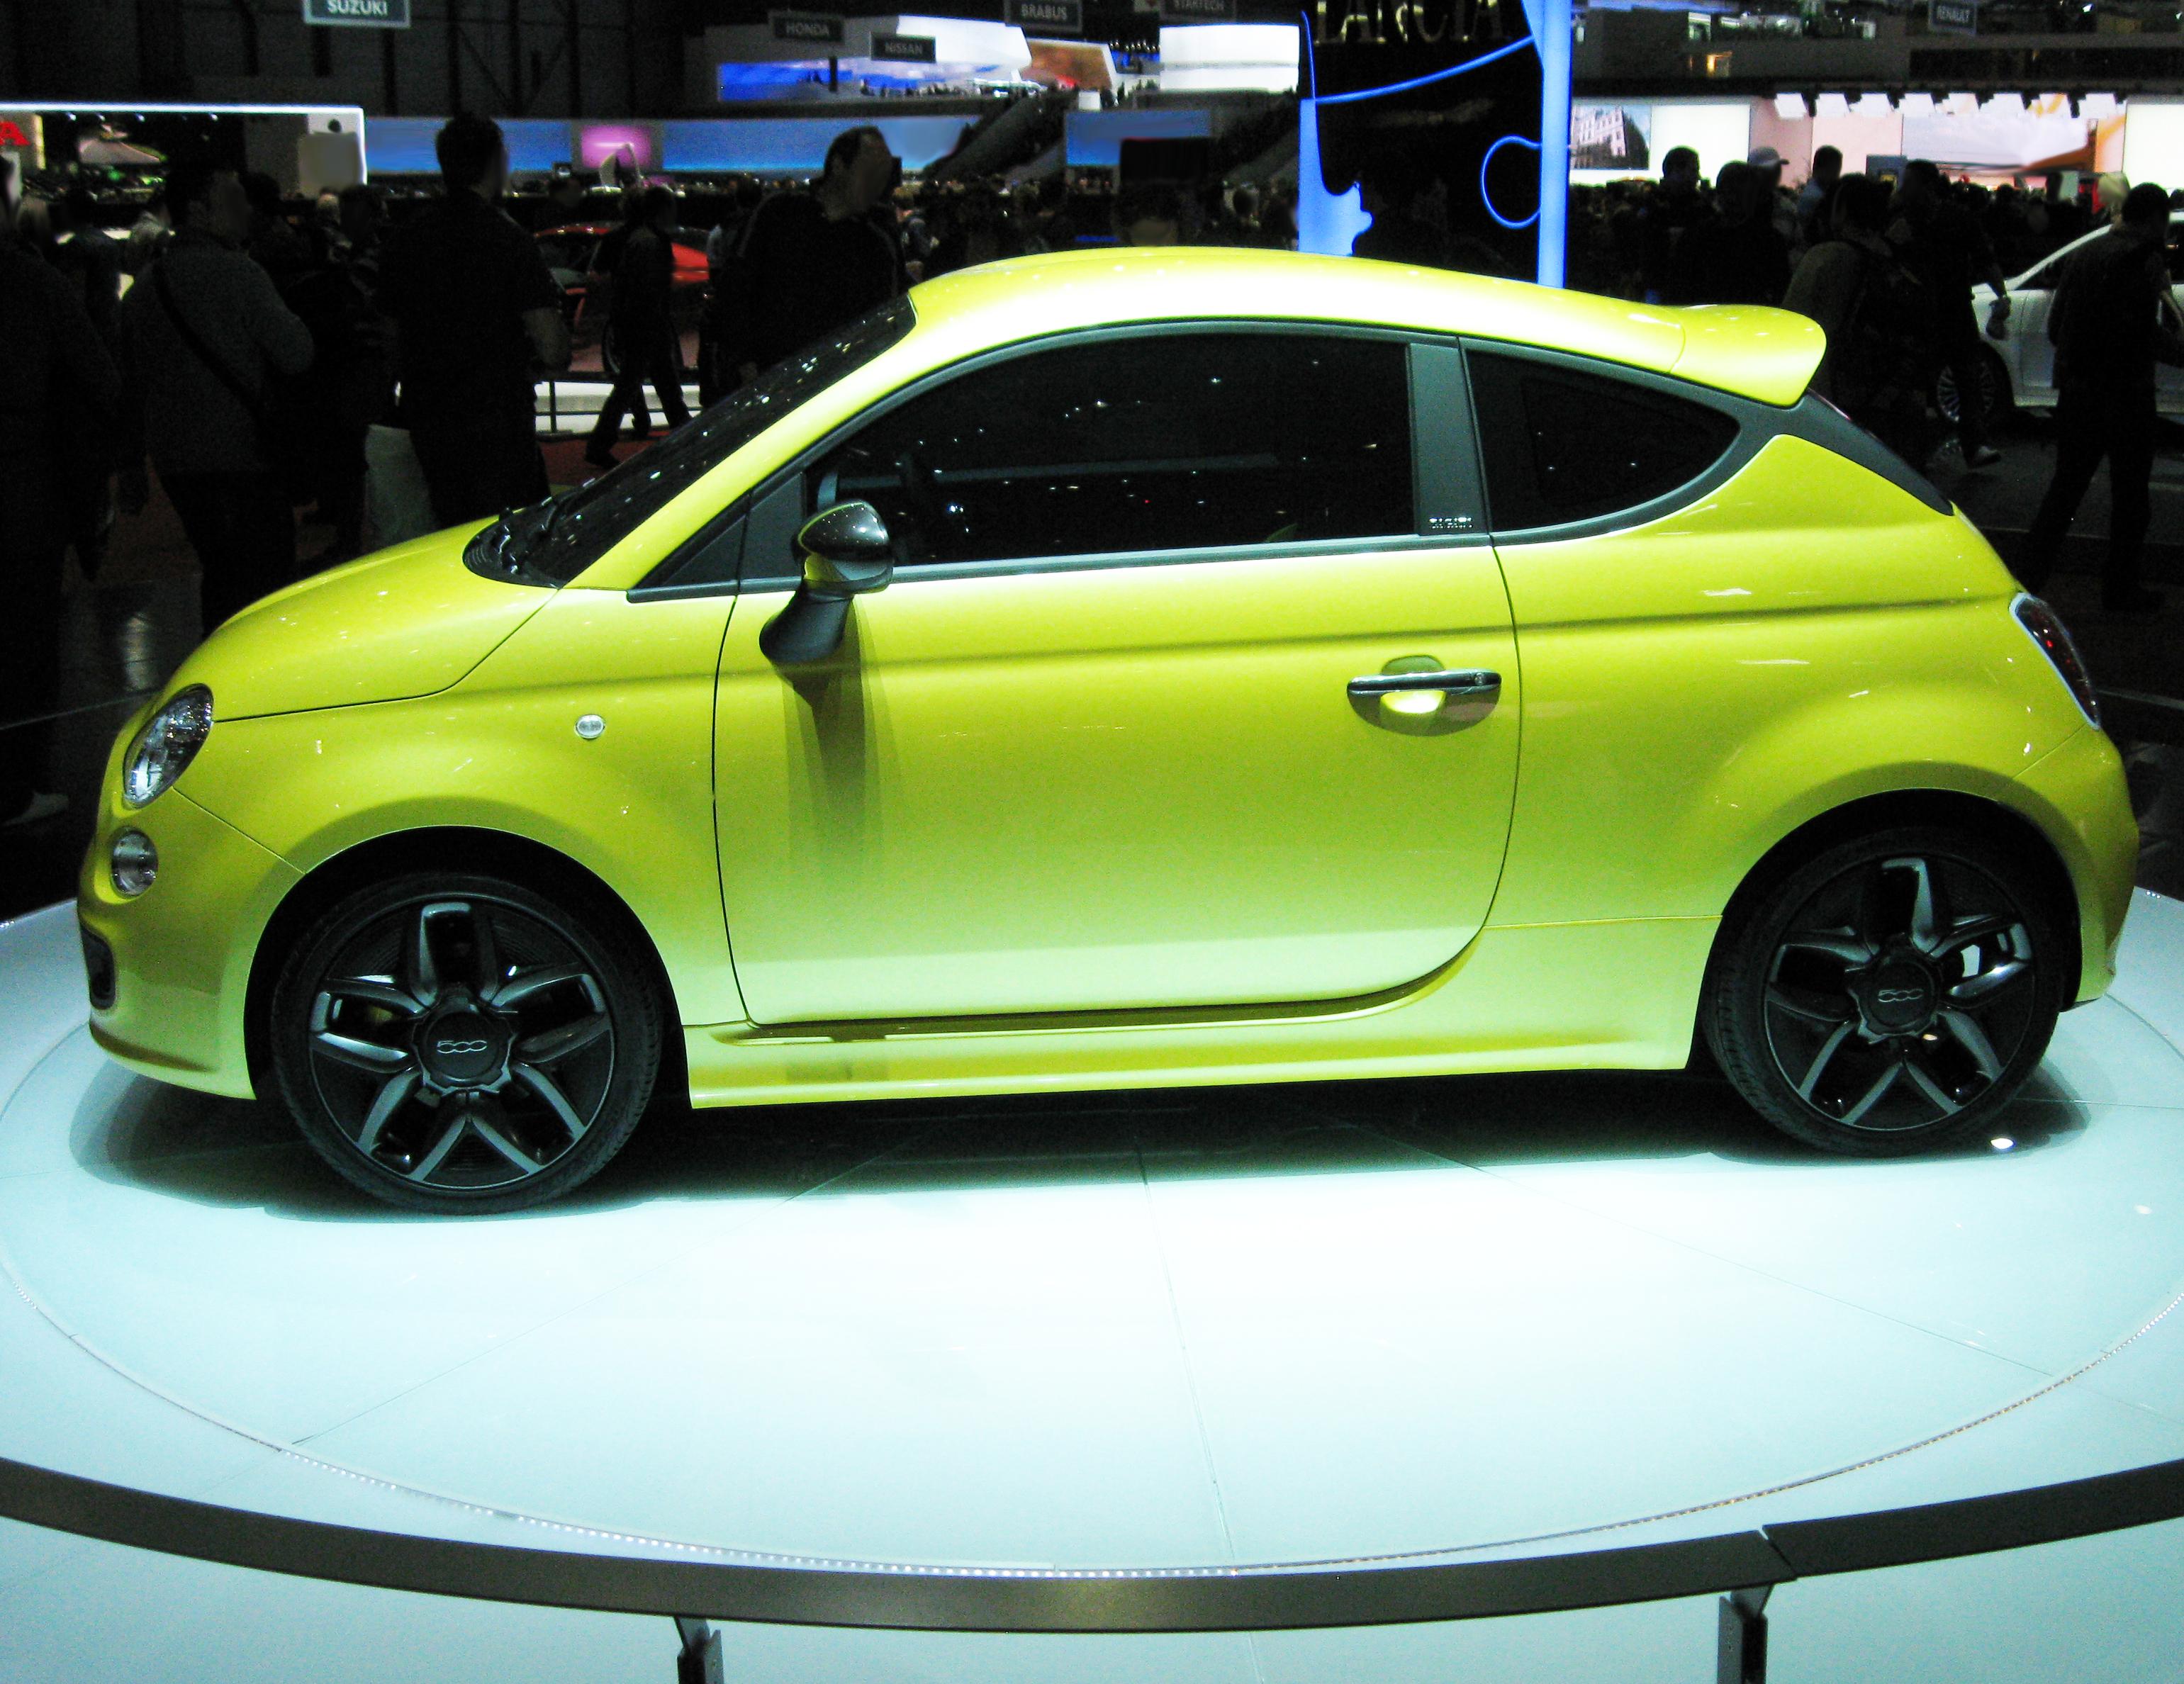 Lampadina Luci Diurne Fiat 500 : File:fiat 500 coupé zagato 2011 profilo.png wikipedia